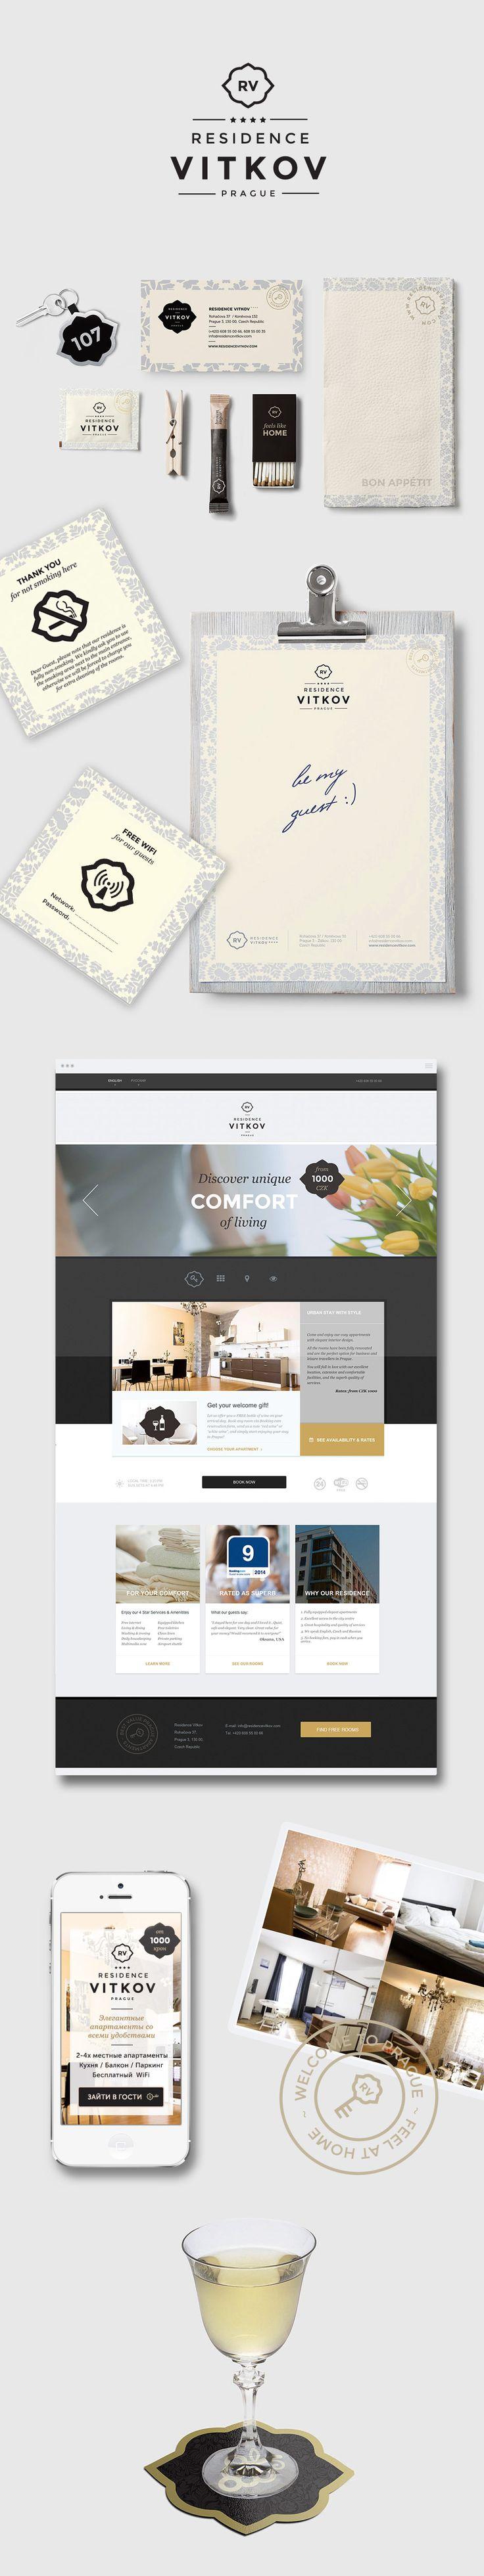 Residence Vitkov. Proudly designed by Headvertiser. www.headvertiser.com